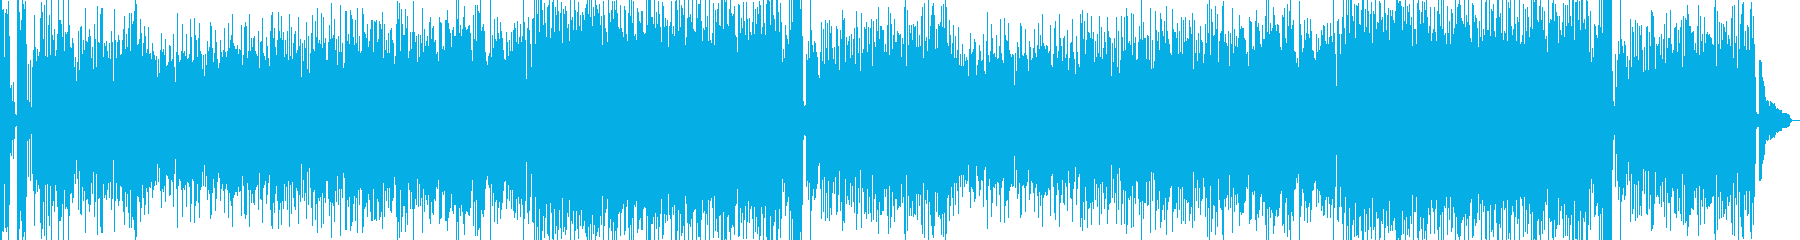 明るく軽快なバイオリンポップスの再生済みの波形